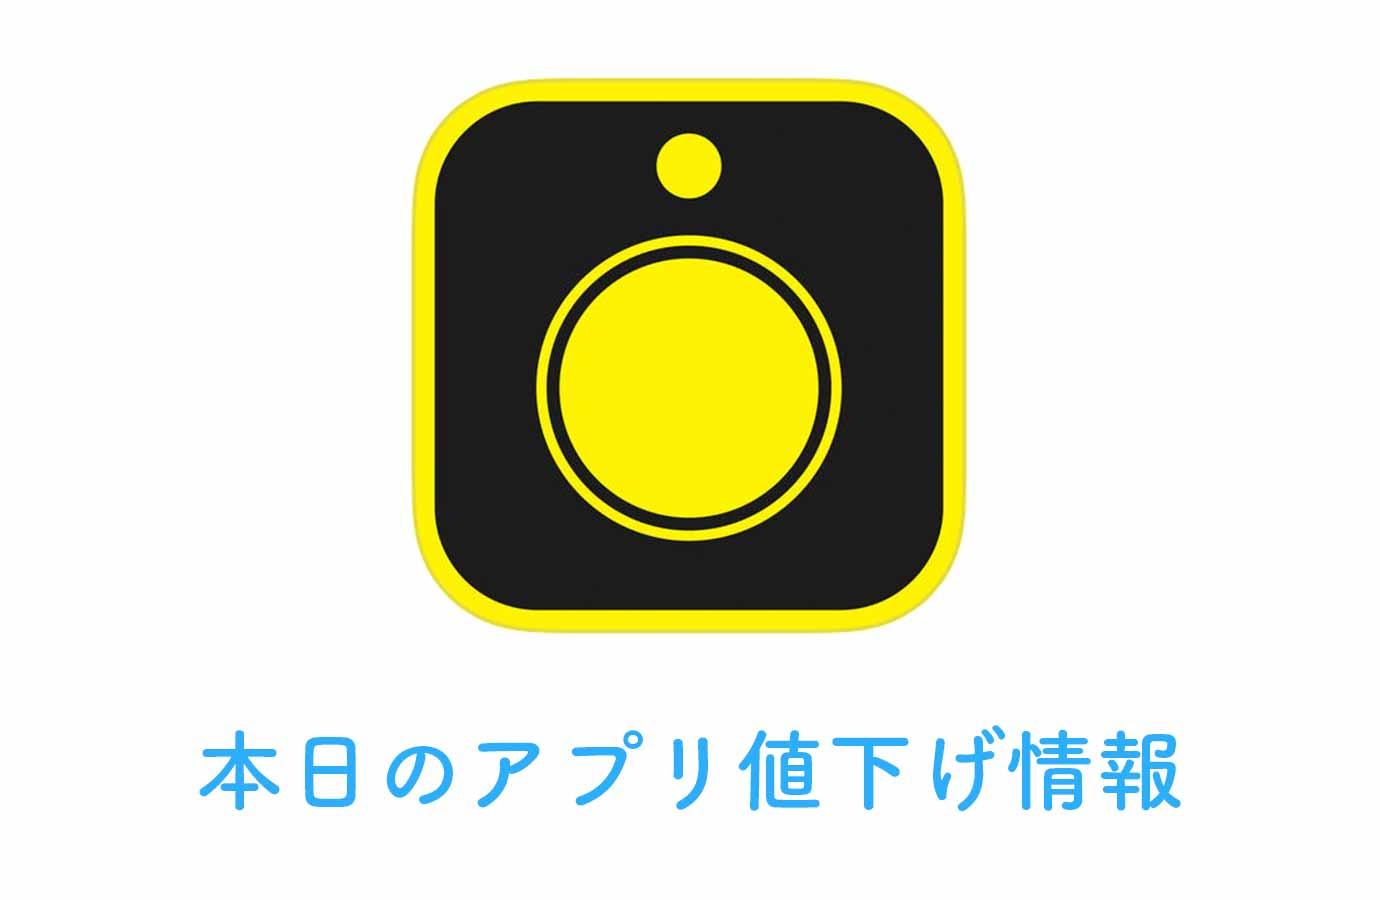 400円→120円!トイカメラアプリ「Hipstamatic カメラ」など【12/11】アプリ値下げ情報